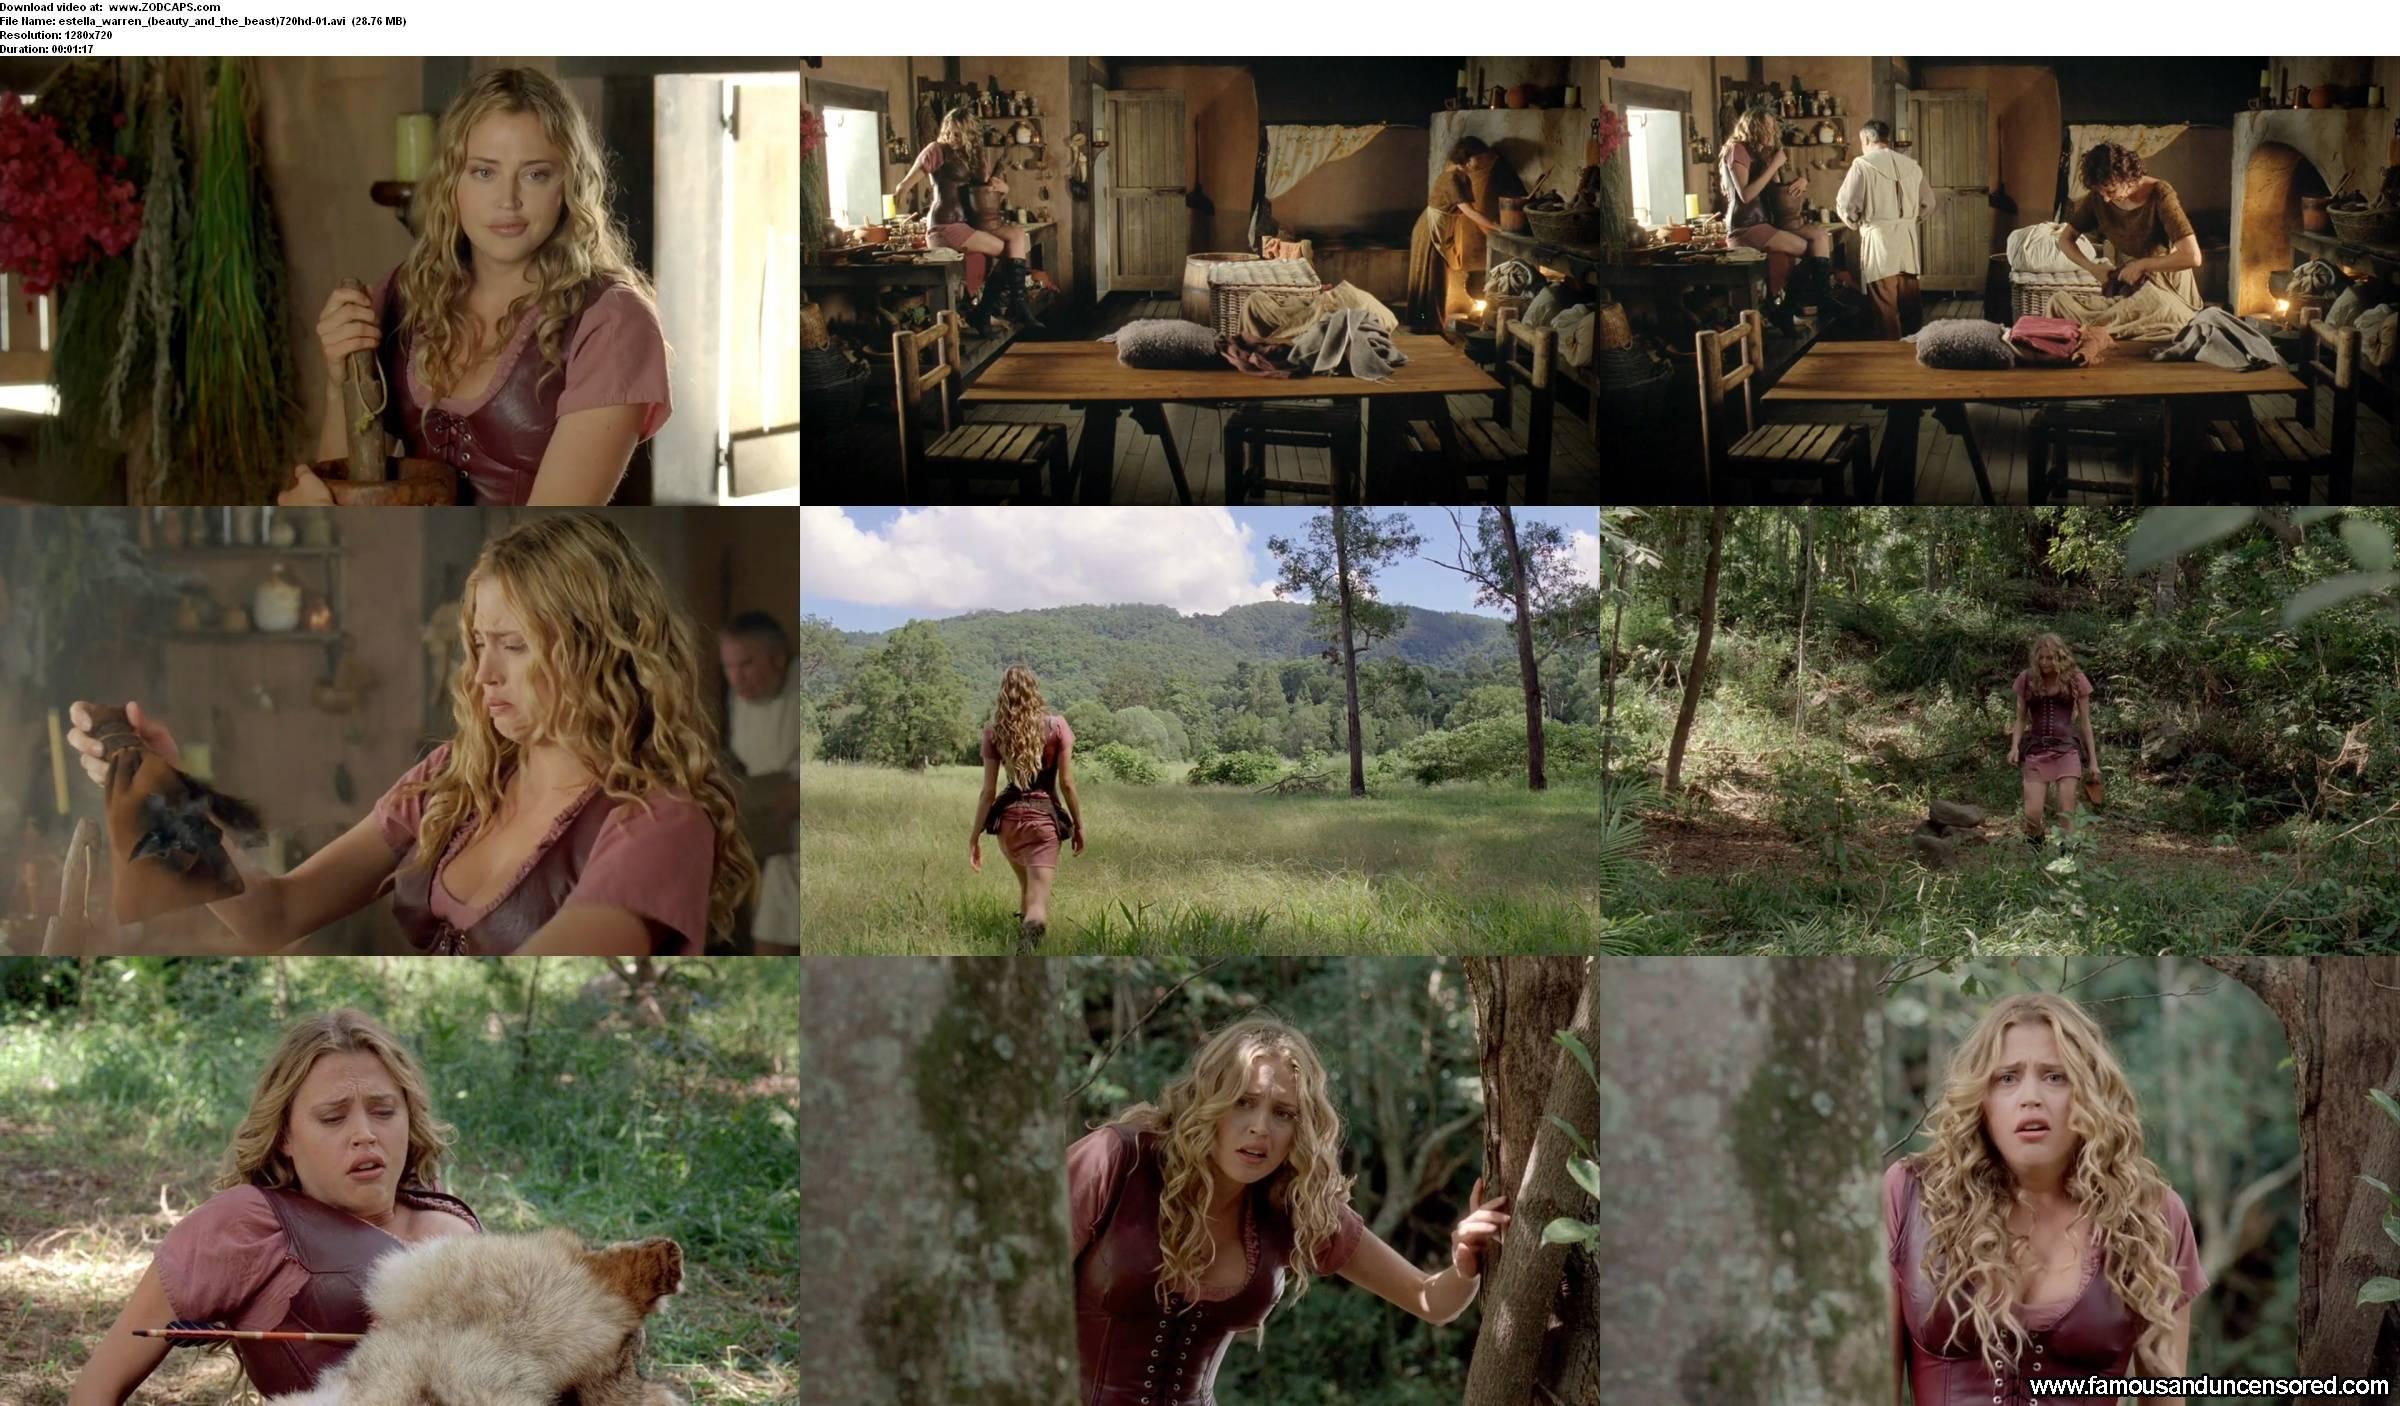 Estella warren fakes xxx - Estella warren nude sexy scene beauty and the  beast jpg 2400x1406